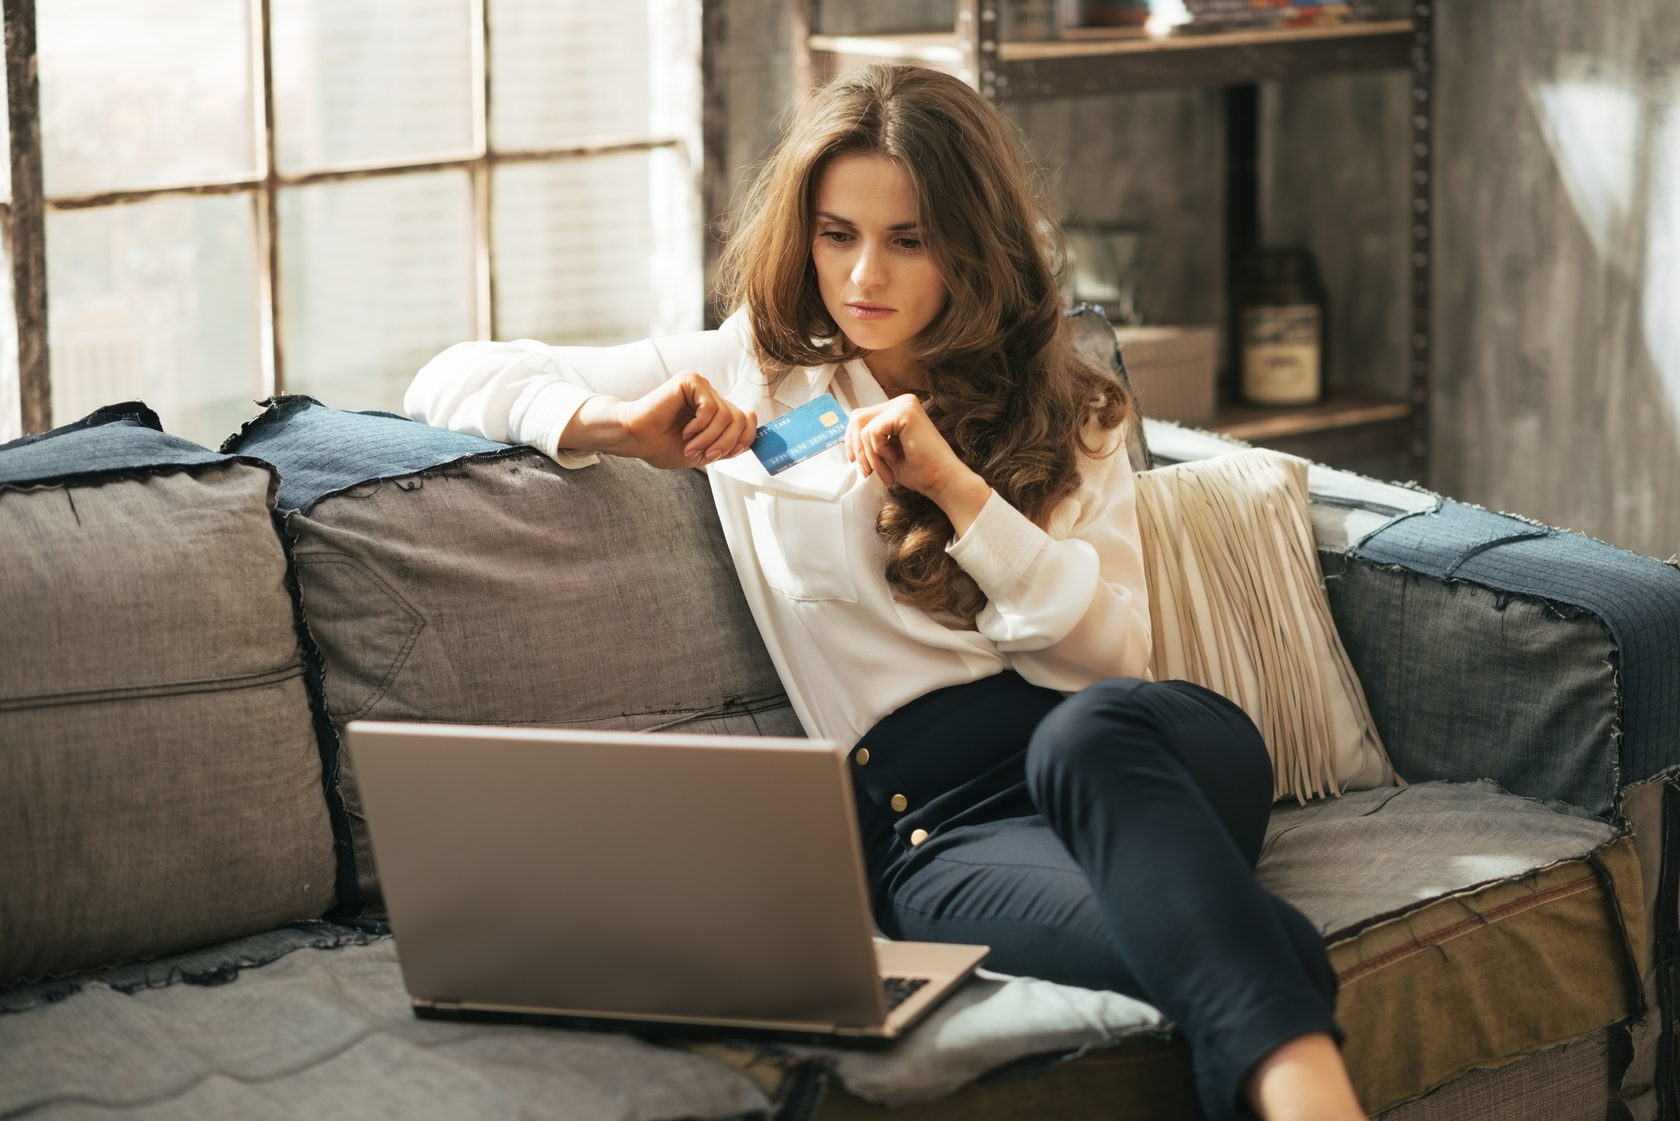 фото деловая женщина в домашней обстановке - 13